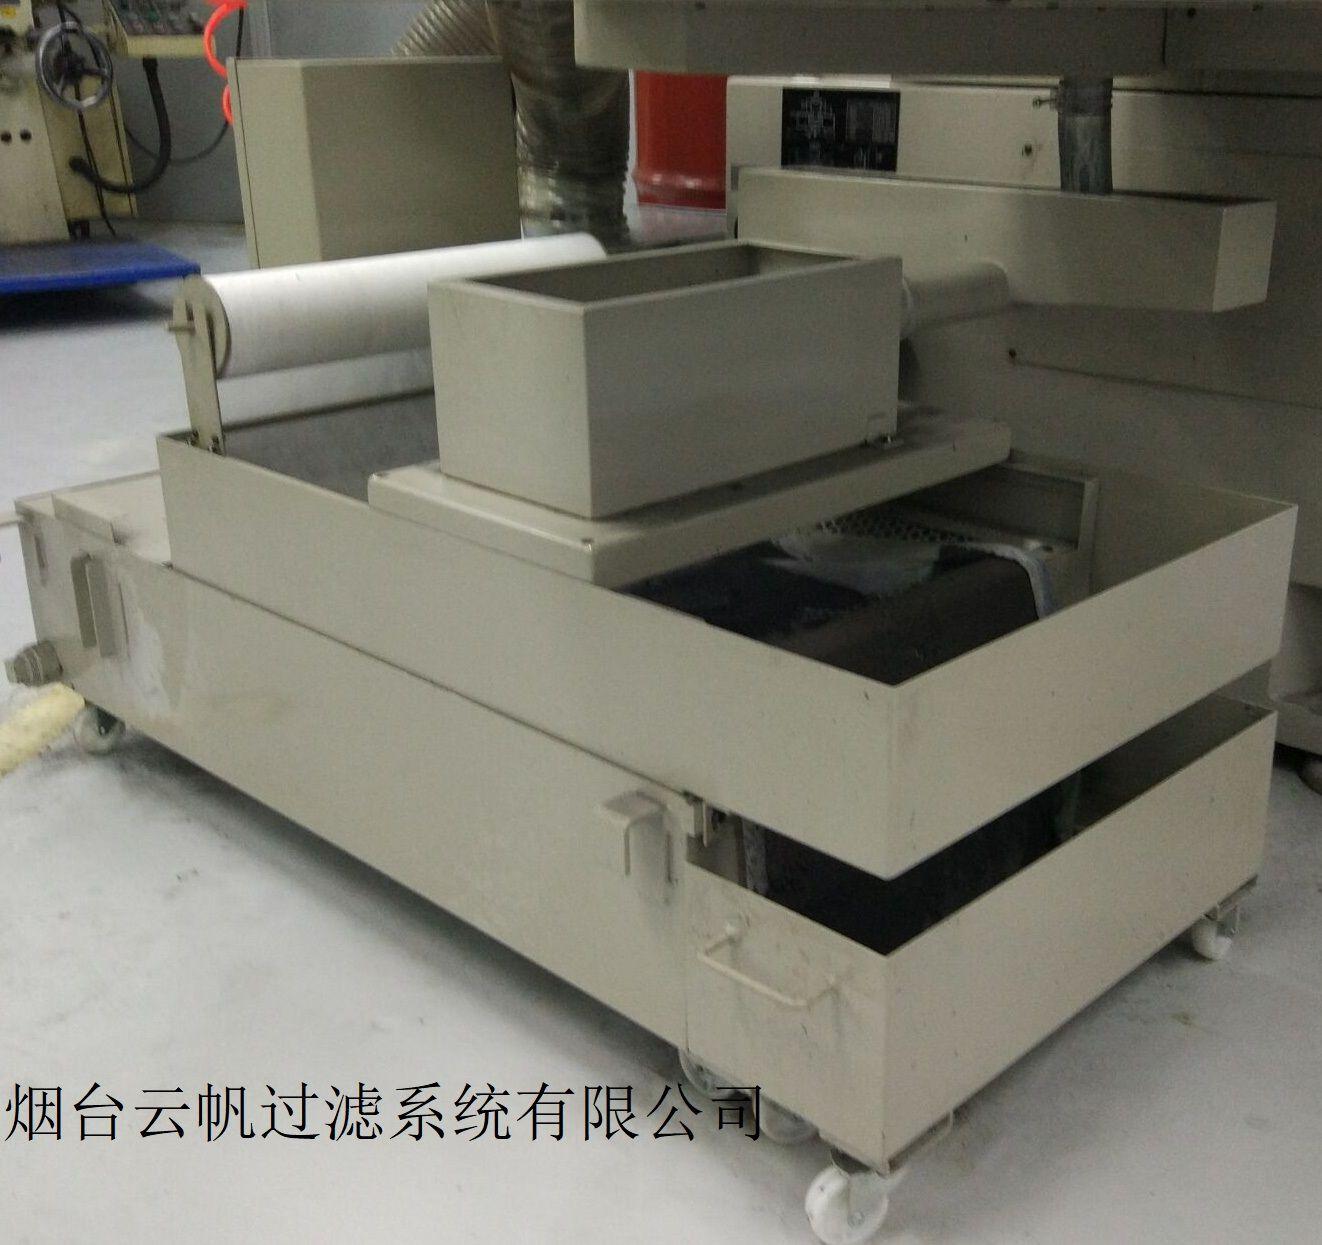 磁分离器与纸带过滤机及水箱组合